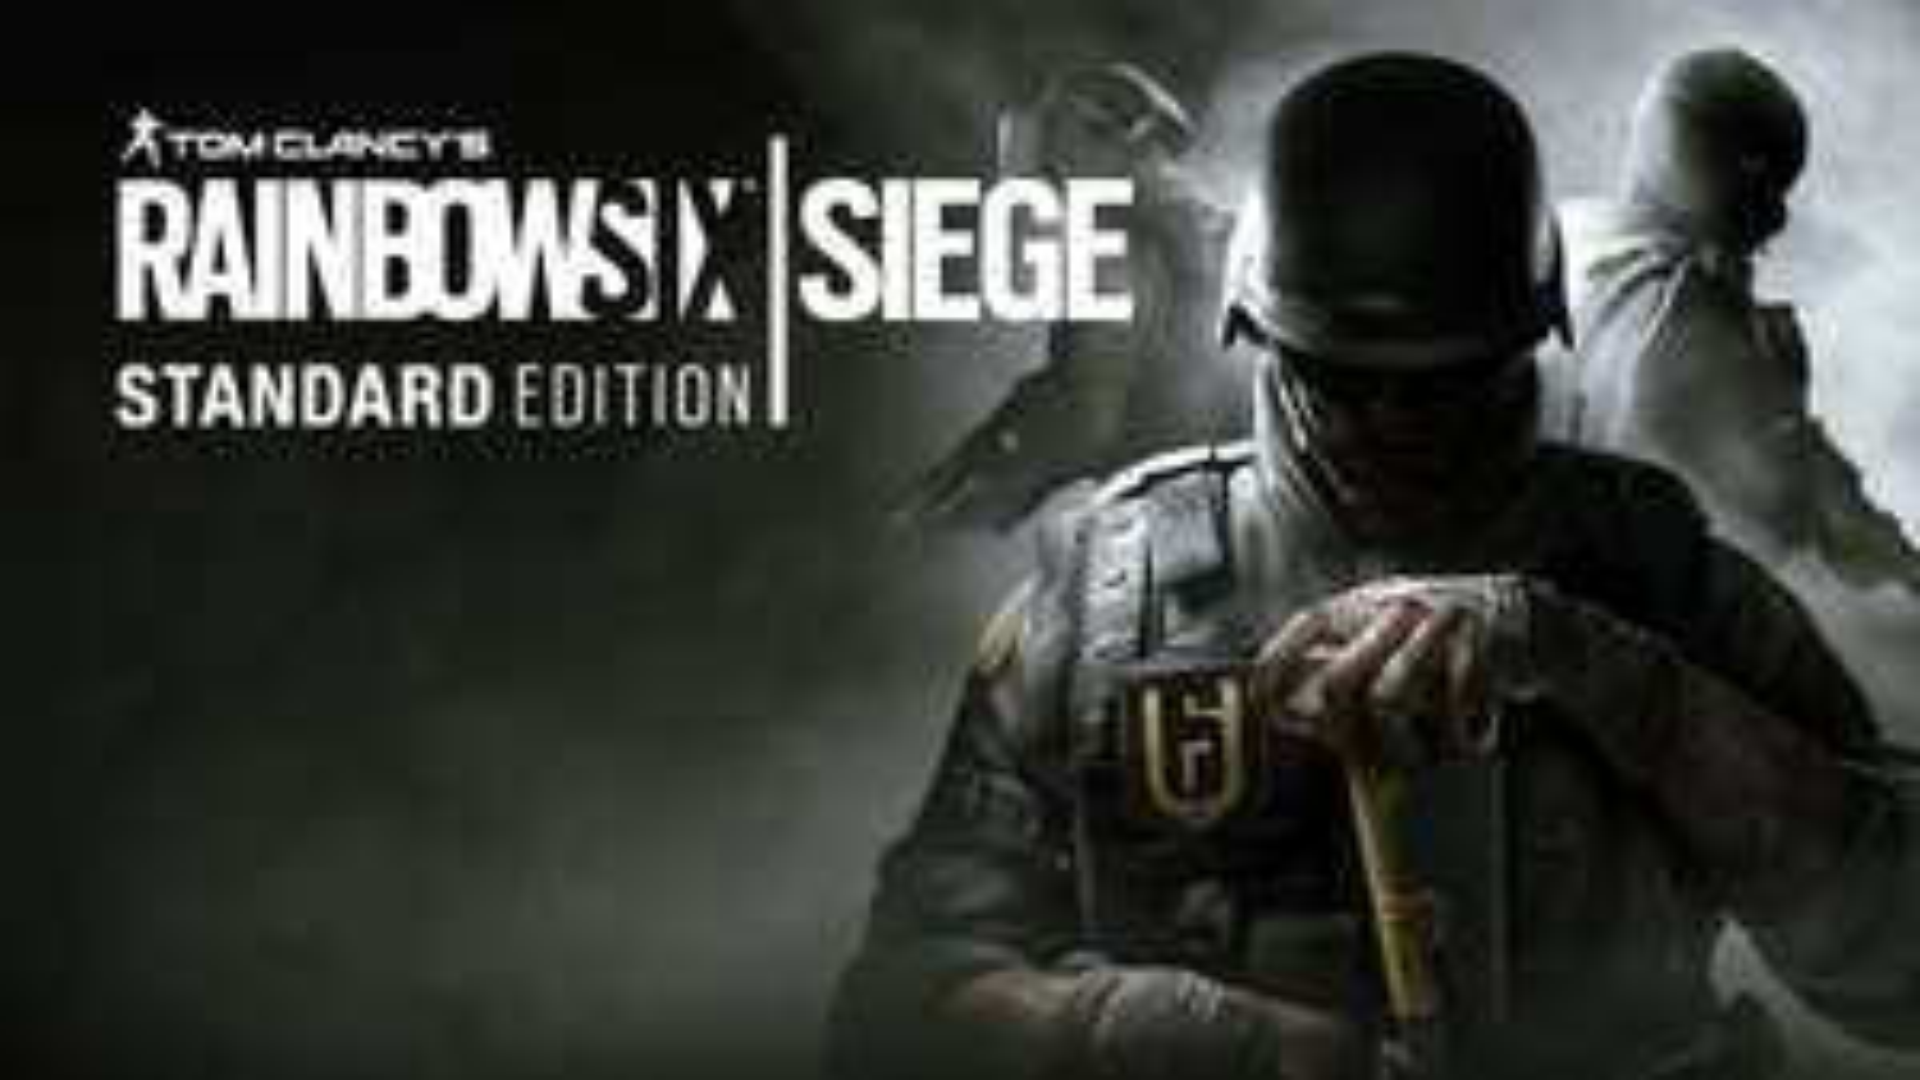 Tom Clancy's Rainbow Six Siege (Uplay) @ Fanatical